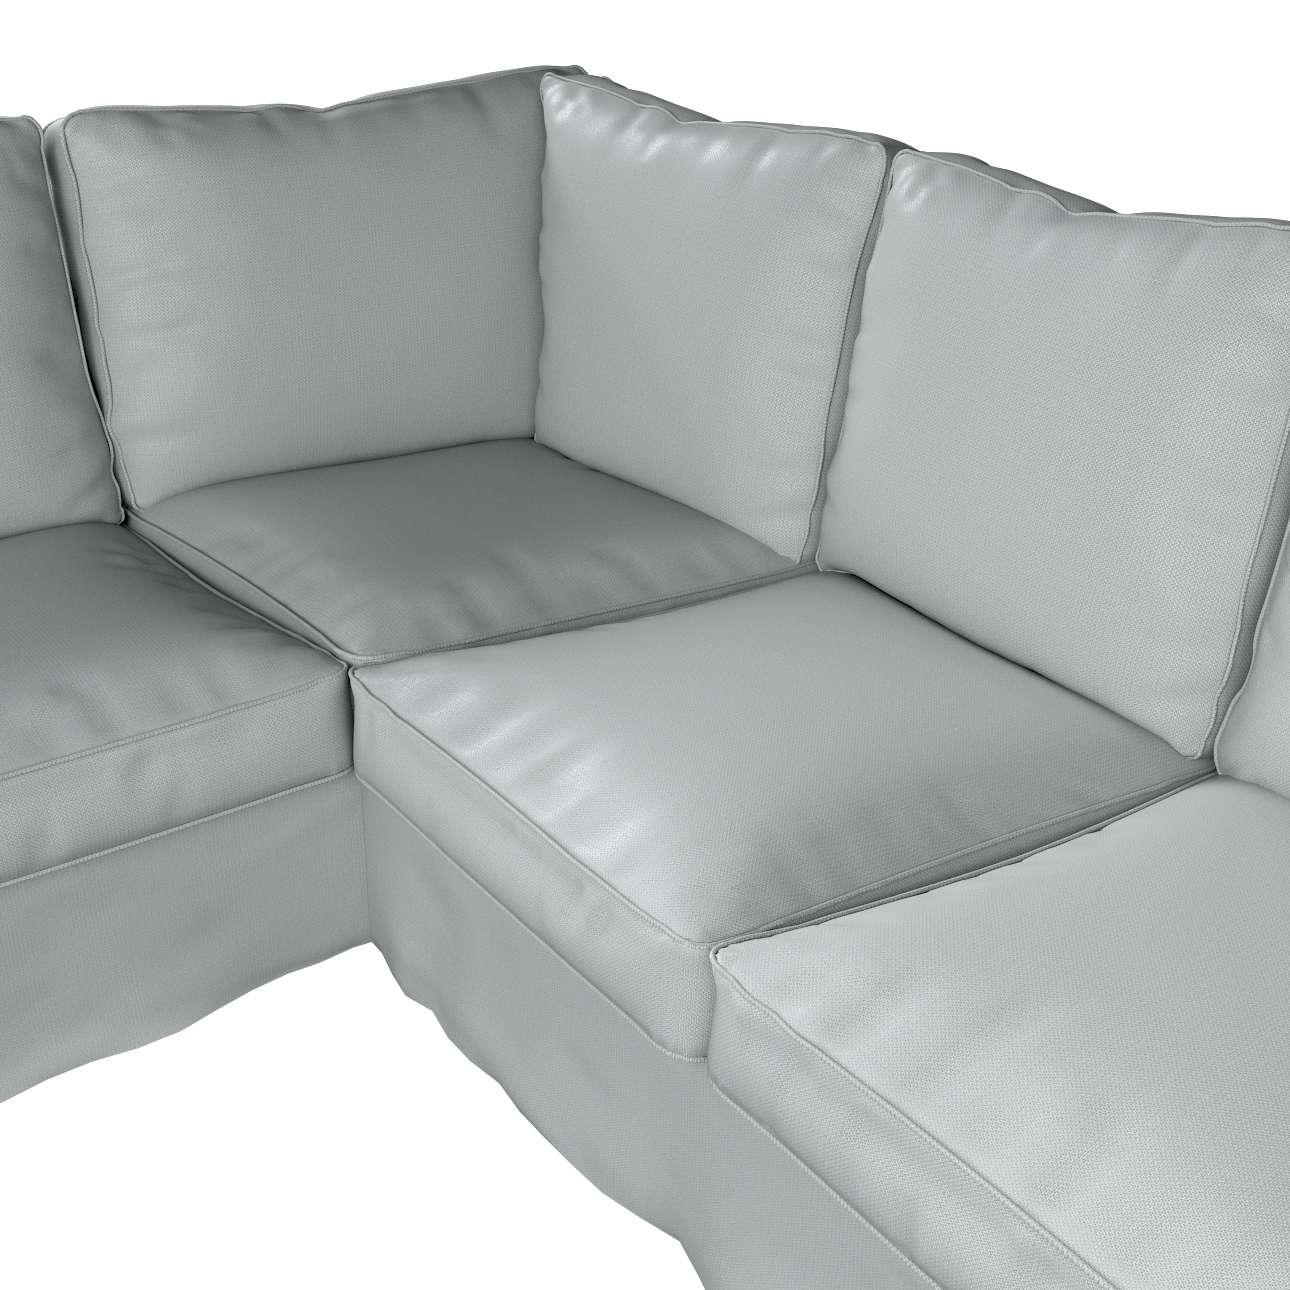 Pokrowiec na sofę narożną Ektorp w kolekcji Bergen, tkanina: 161-72